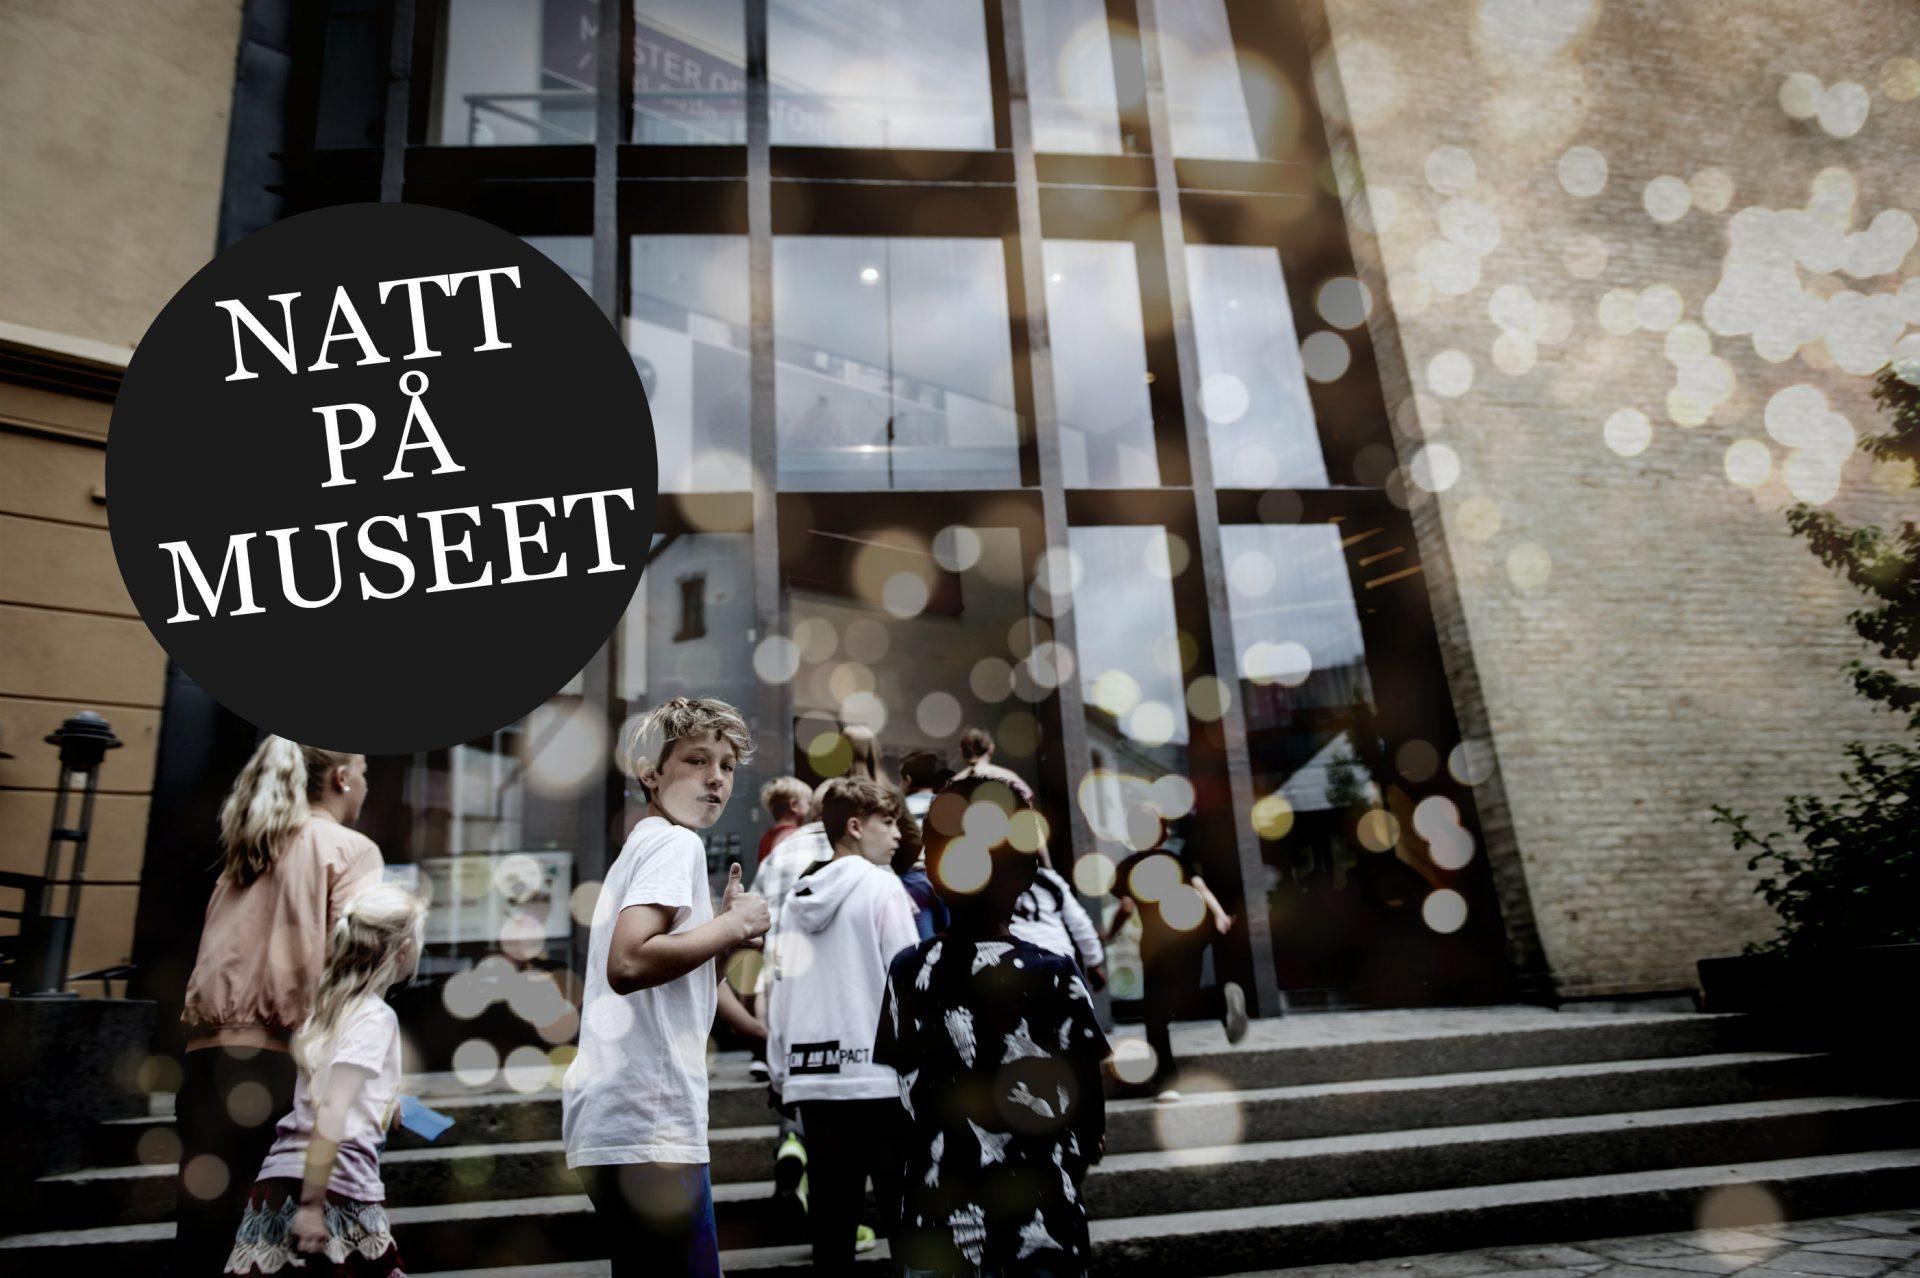 Natt på museet Knuden SKMU Barnefilmfestivalen